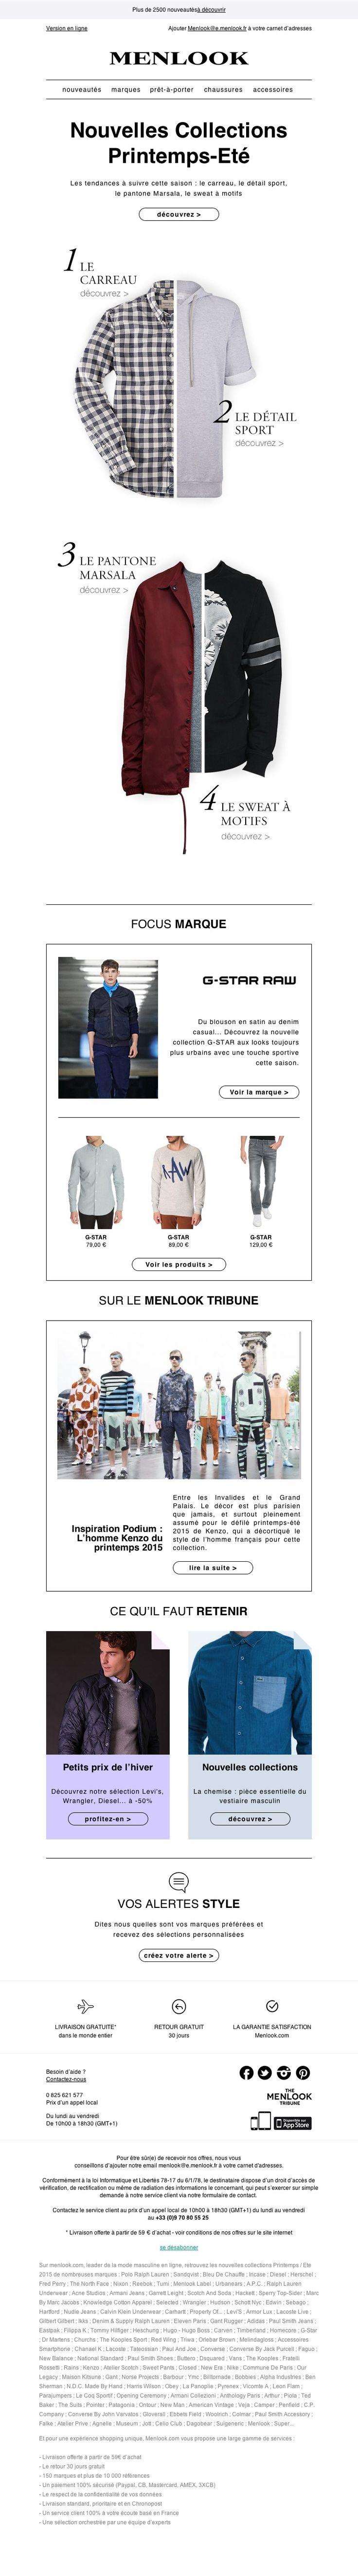 Menlook - Les tendances à suivre cette saison ! email newsletter emailing